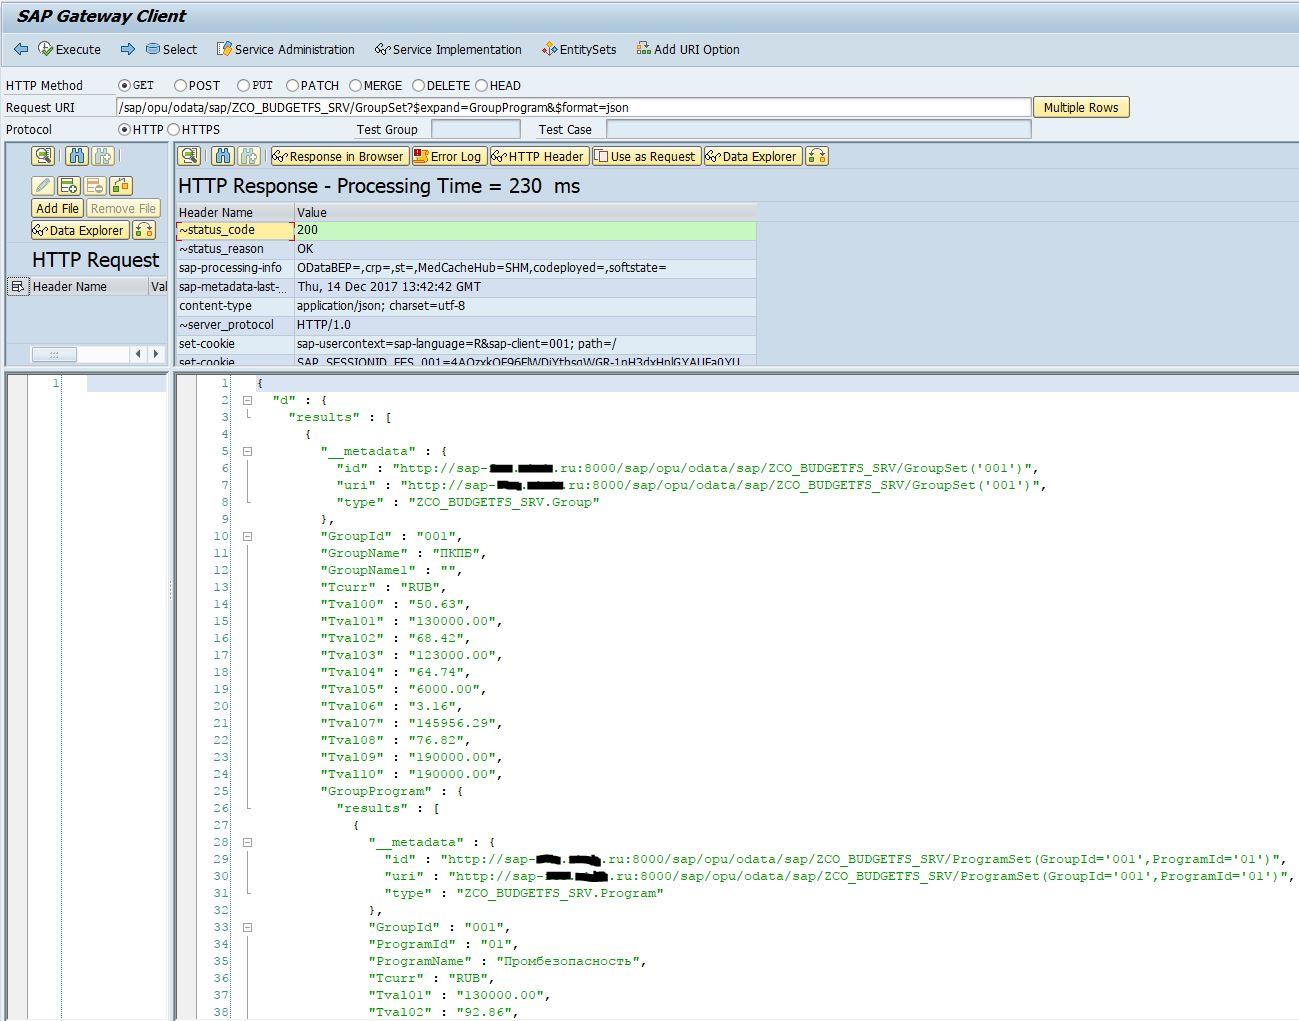 SAP Gateway Client result expand